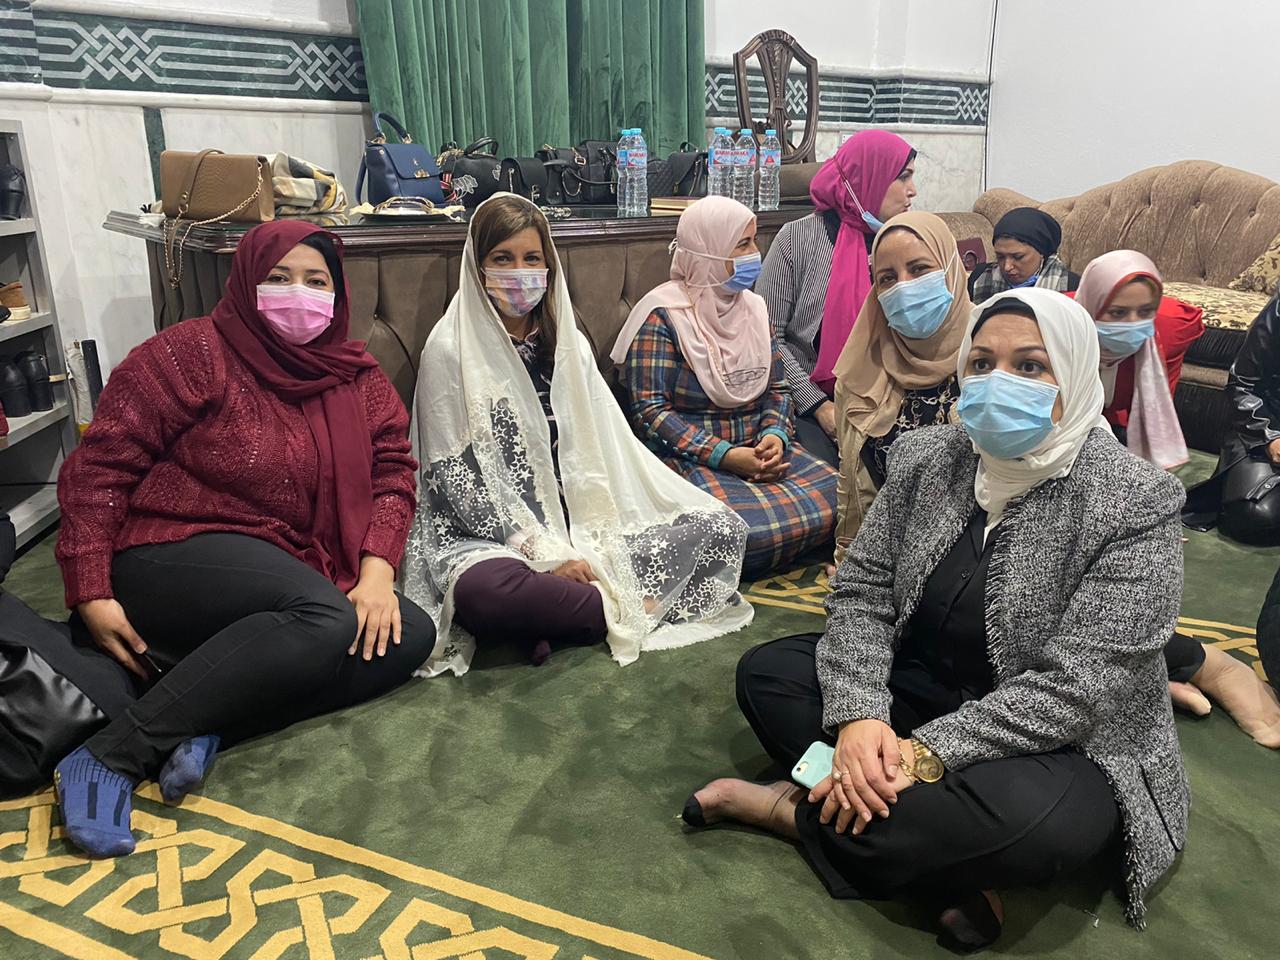 وزيرة الهجرة تحضر خطبة الجمعة بمسجد فى دمياط